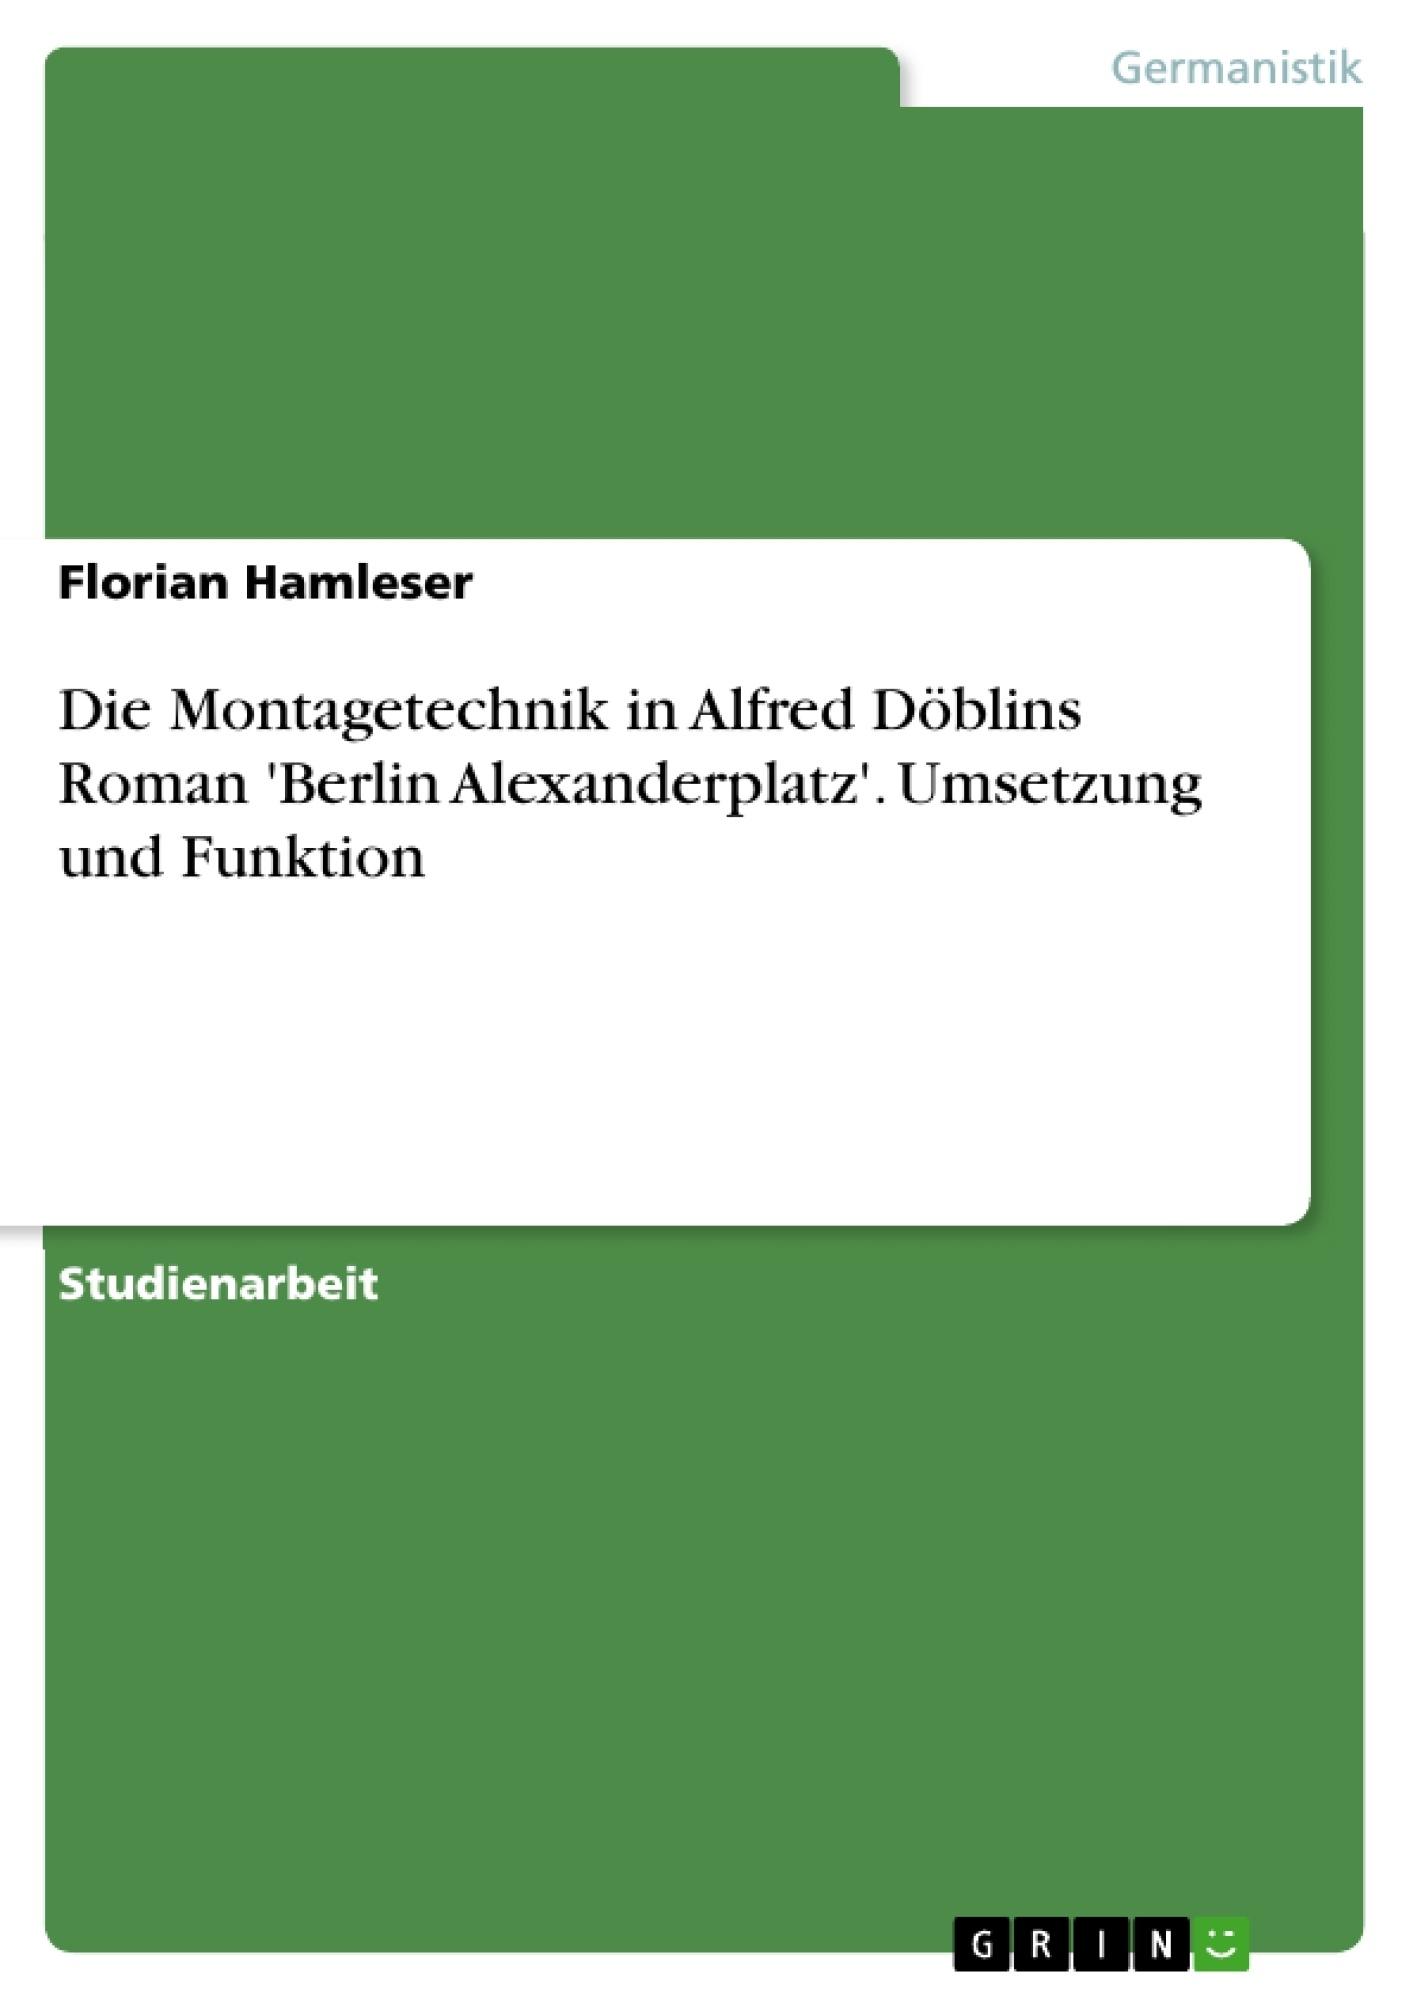 Titel: Die Montagetechnik in Alfred Döblins Roman 'Berlin Alexanderplatz'. Umsetzung und Funktion